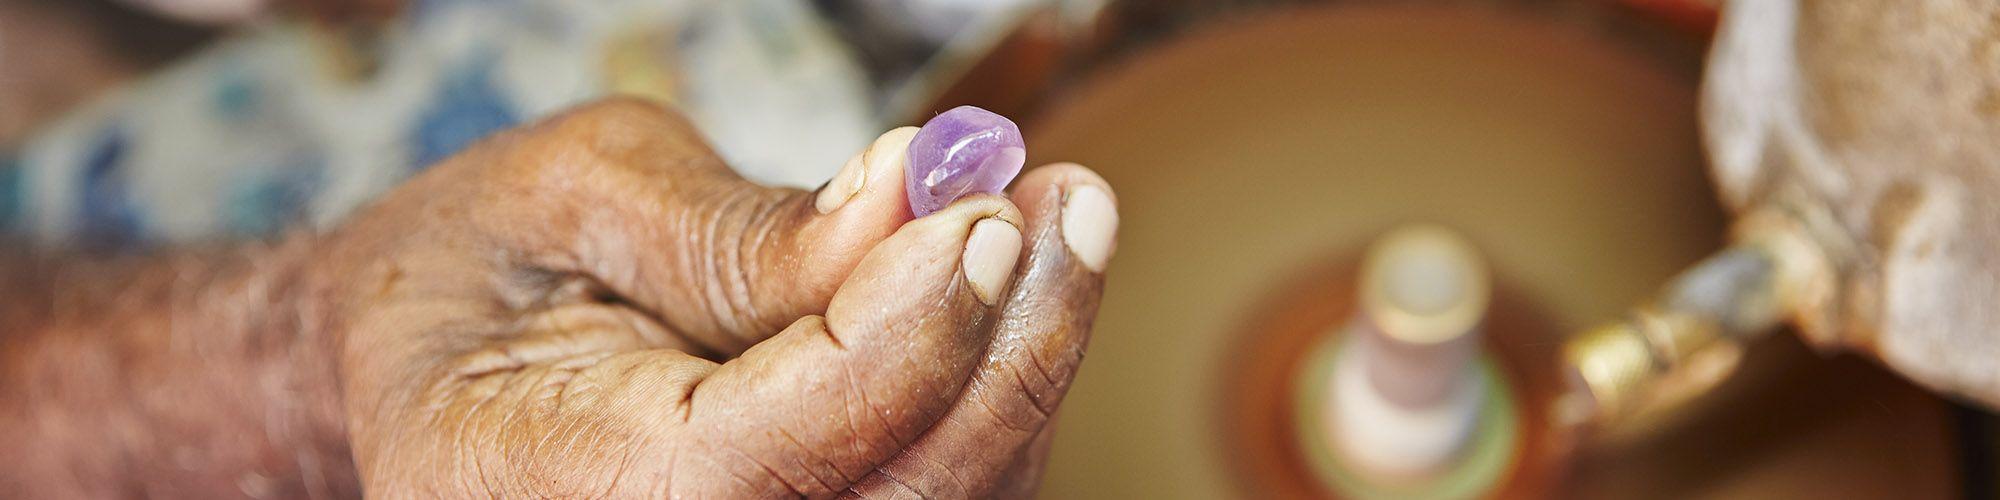 Gems, Sri Lanka